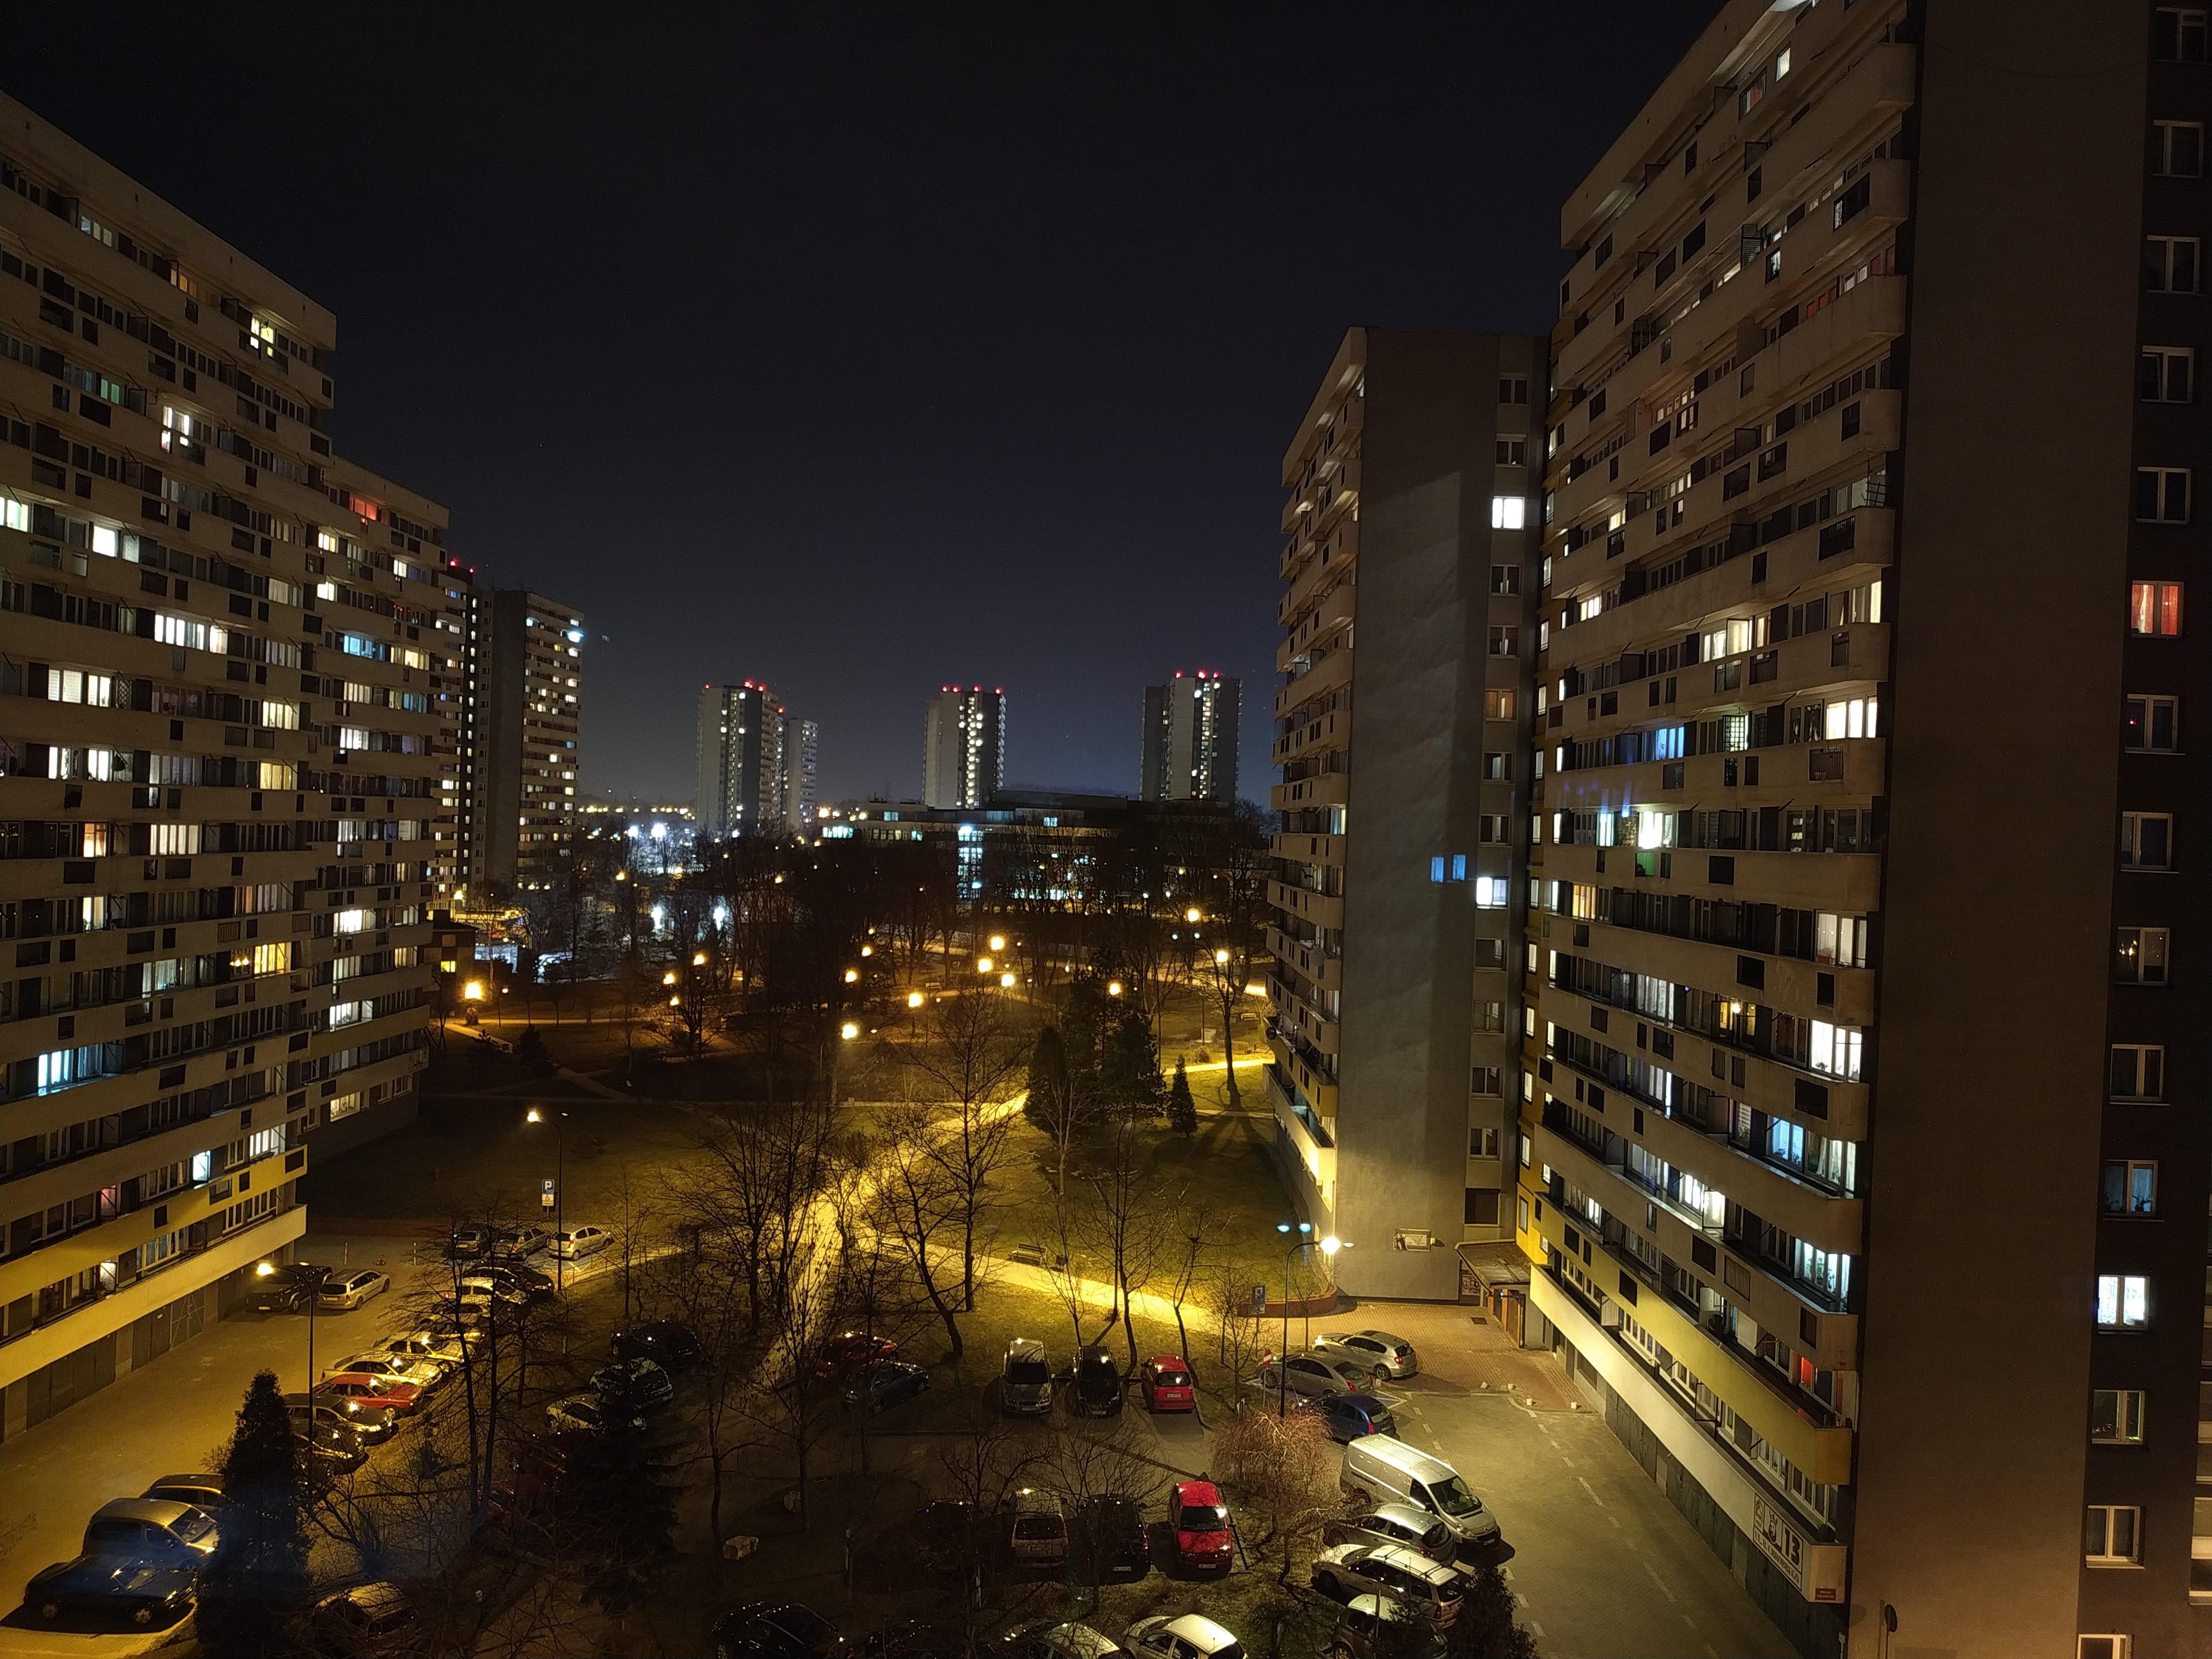 Zdjęcia nocne - Xiaomi Mi 8 Lite